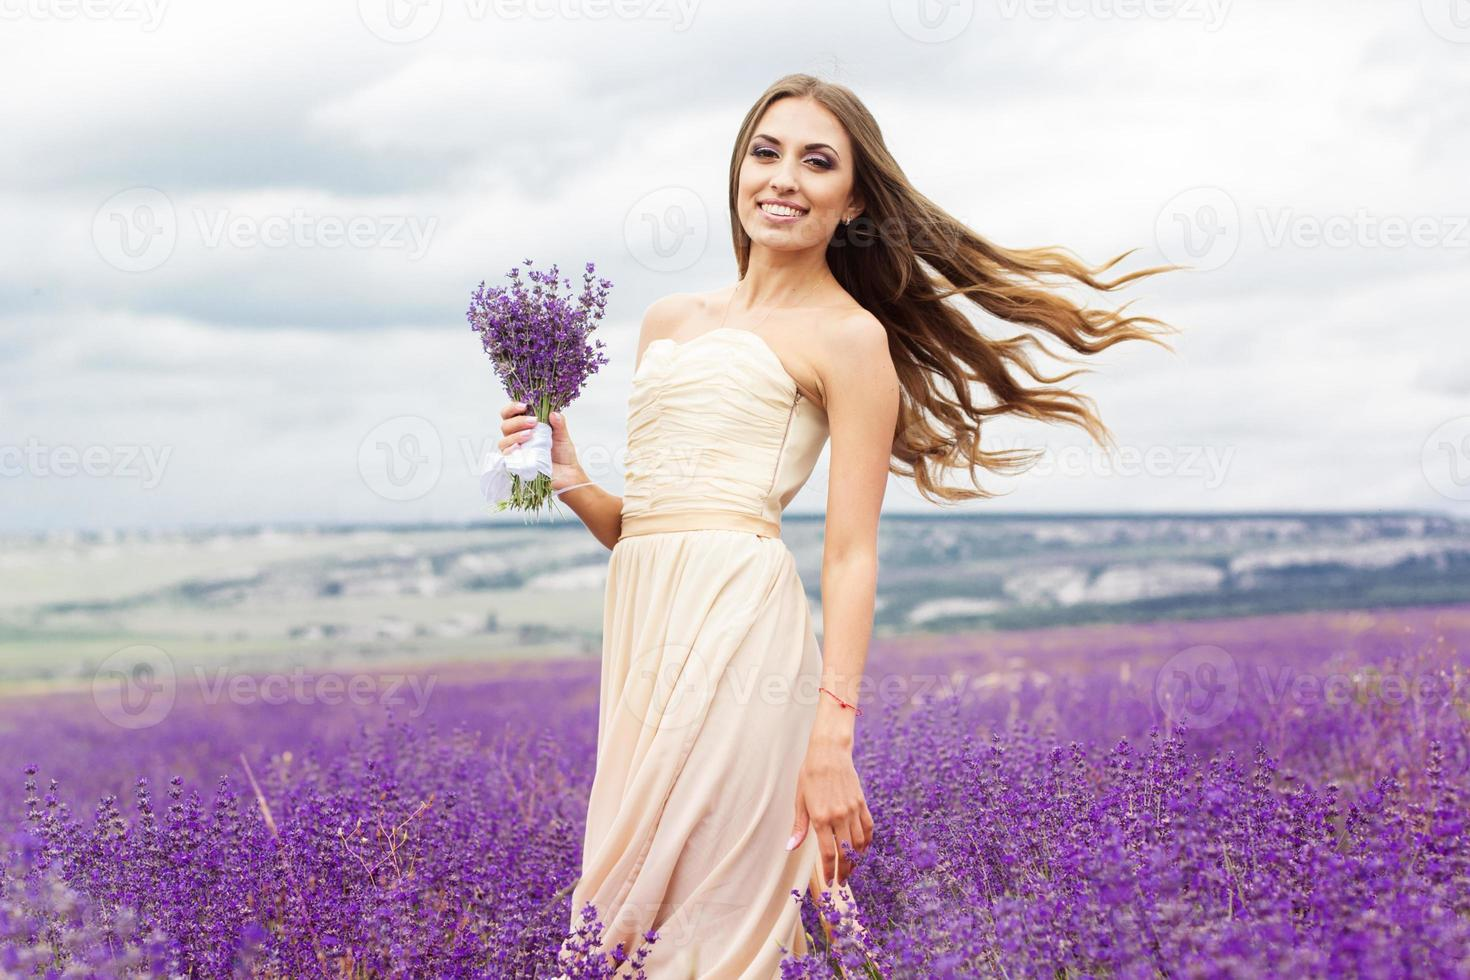 ganska le flickan bär klänning på lila lavendelfält foto